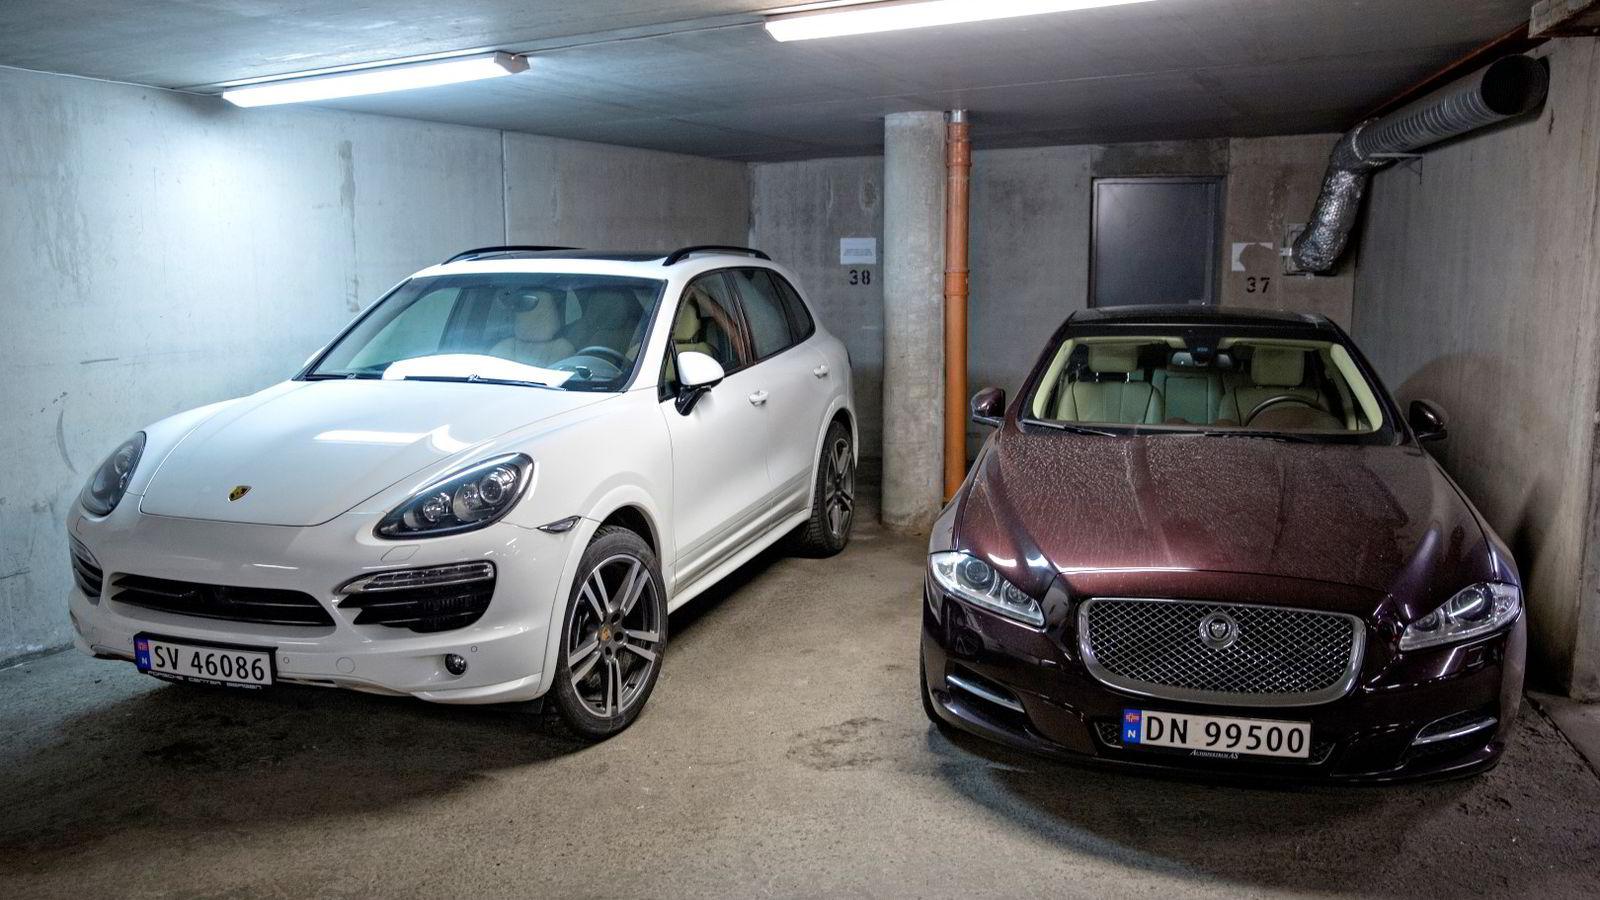 LIME: Biler tilknyttet Lime-gründeren - en Porsche Cayenne og Jaguar. Foto: Aleksander Nordahl